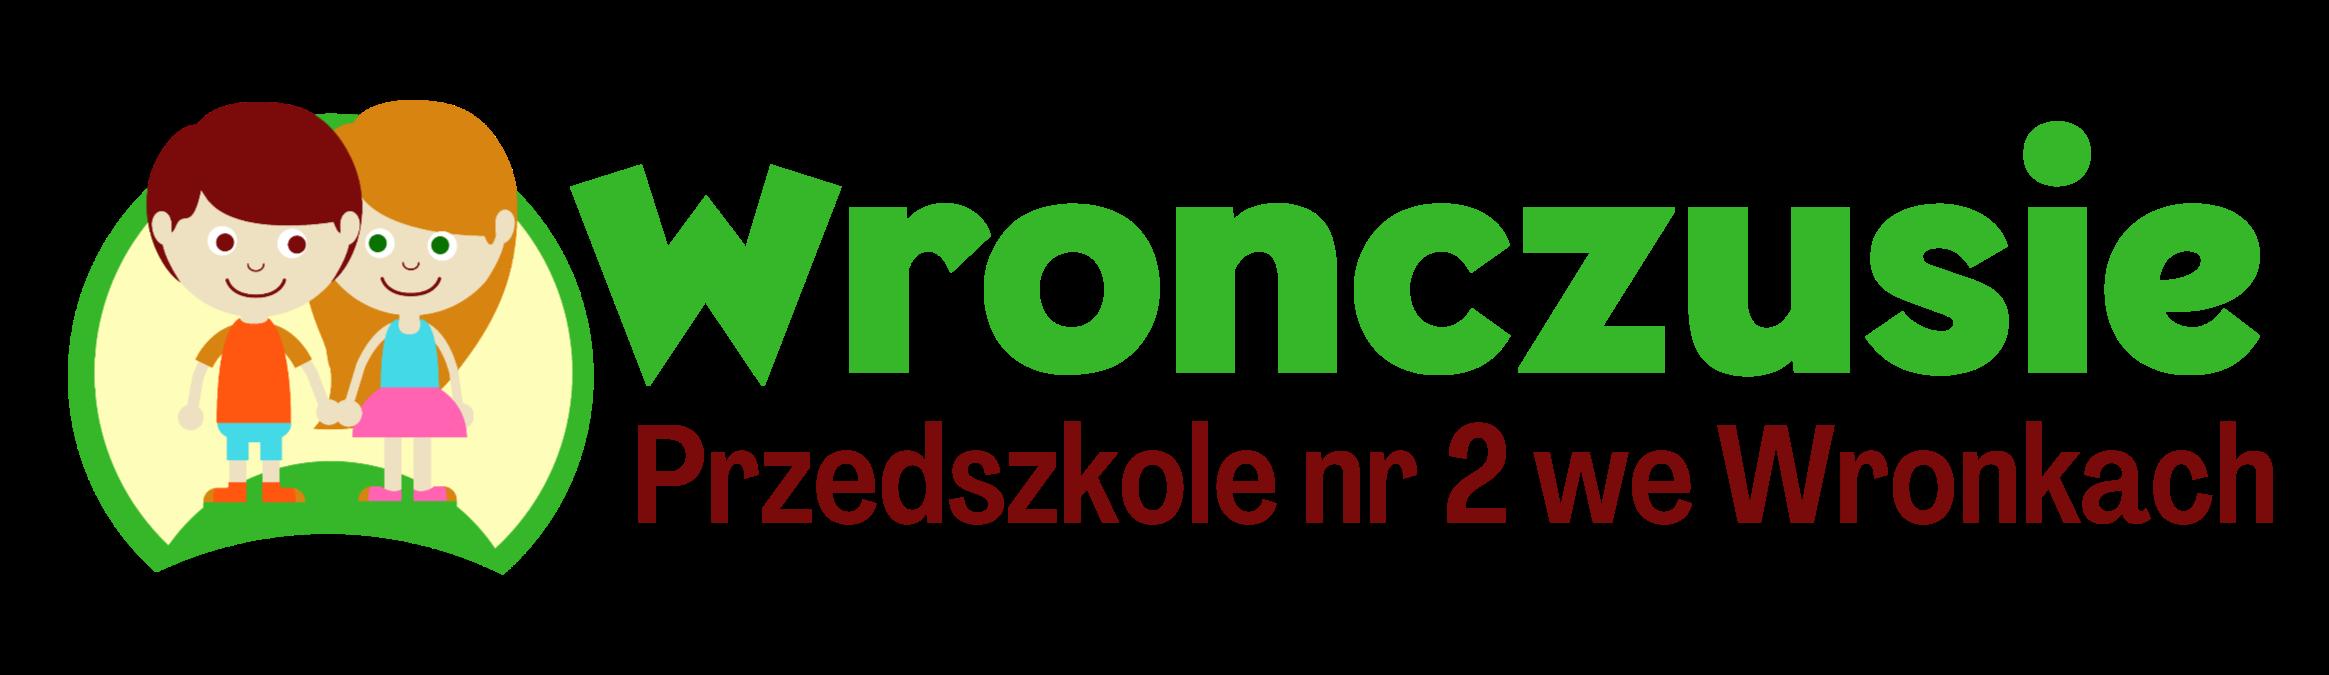 """Przedszkole nr 2 """"Wronczusie"""" we Wronkach"""